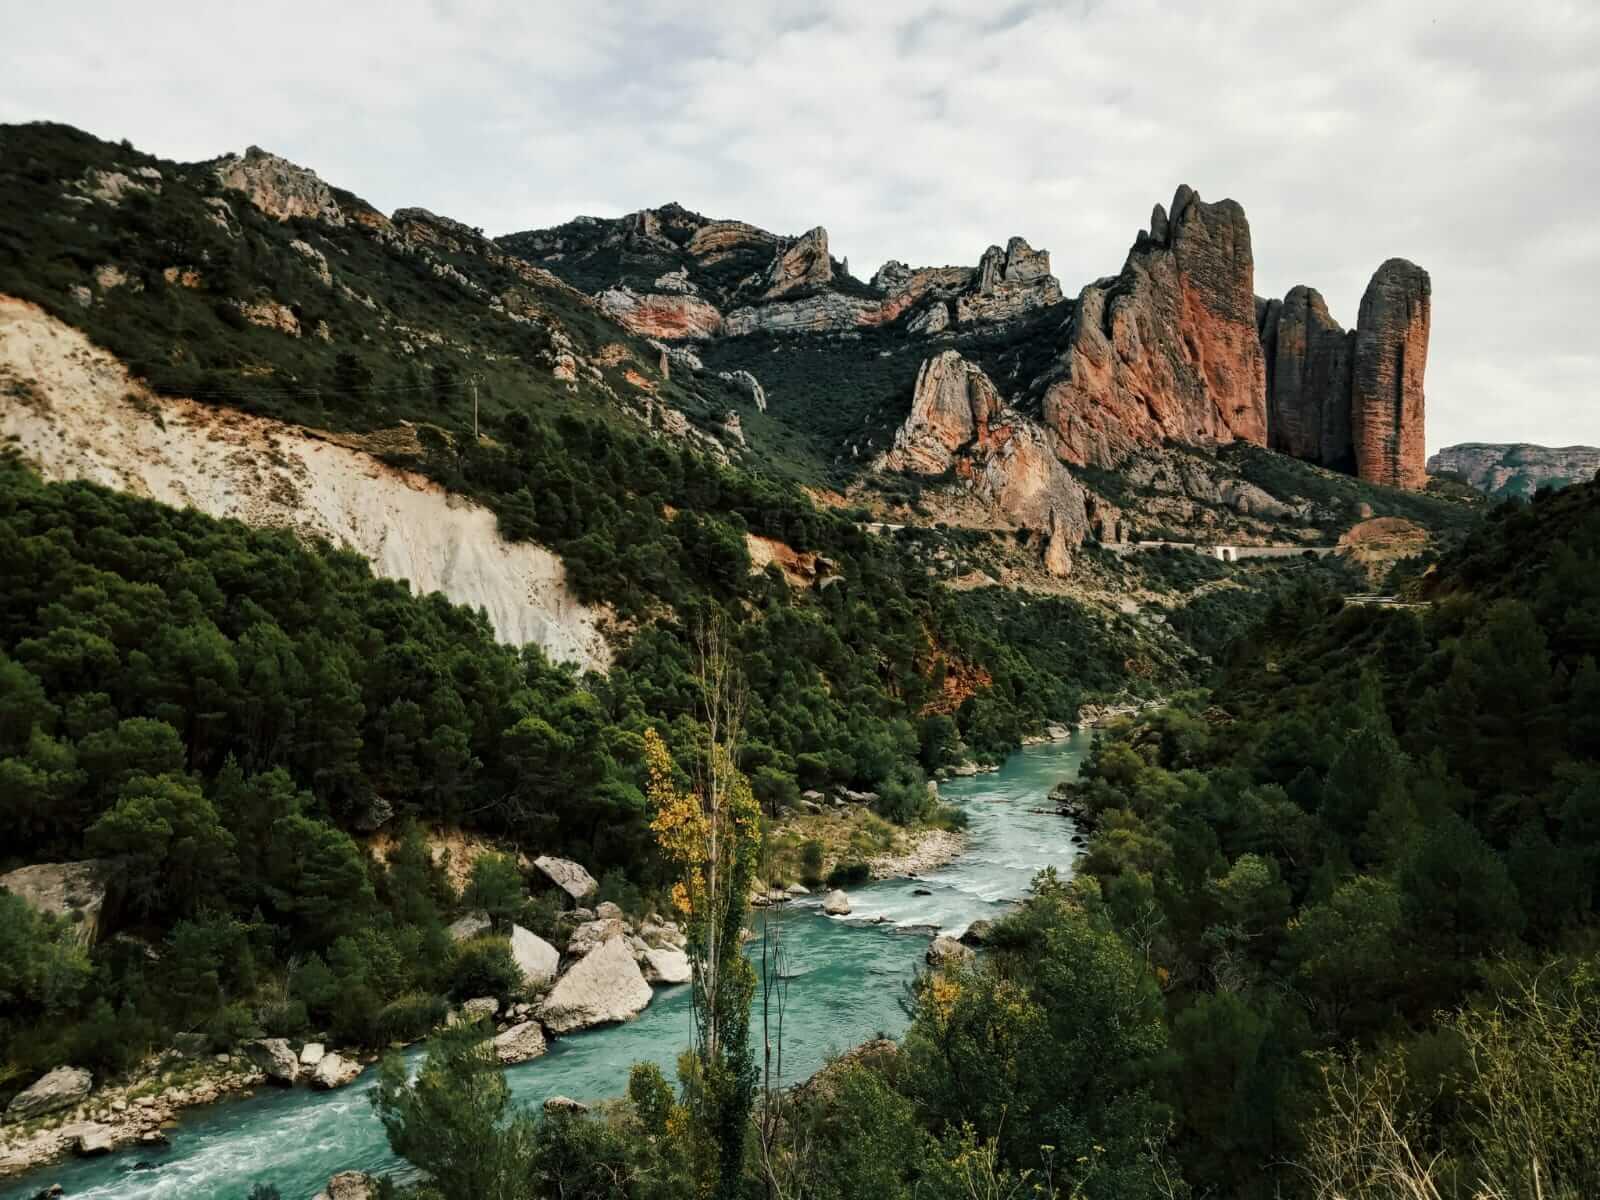 Destinos turísticos en Aragón para Semana Santa 2